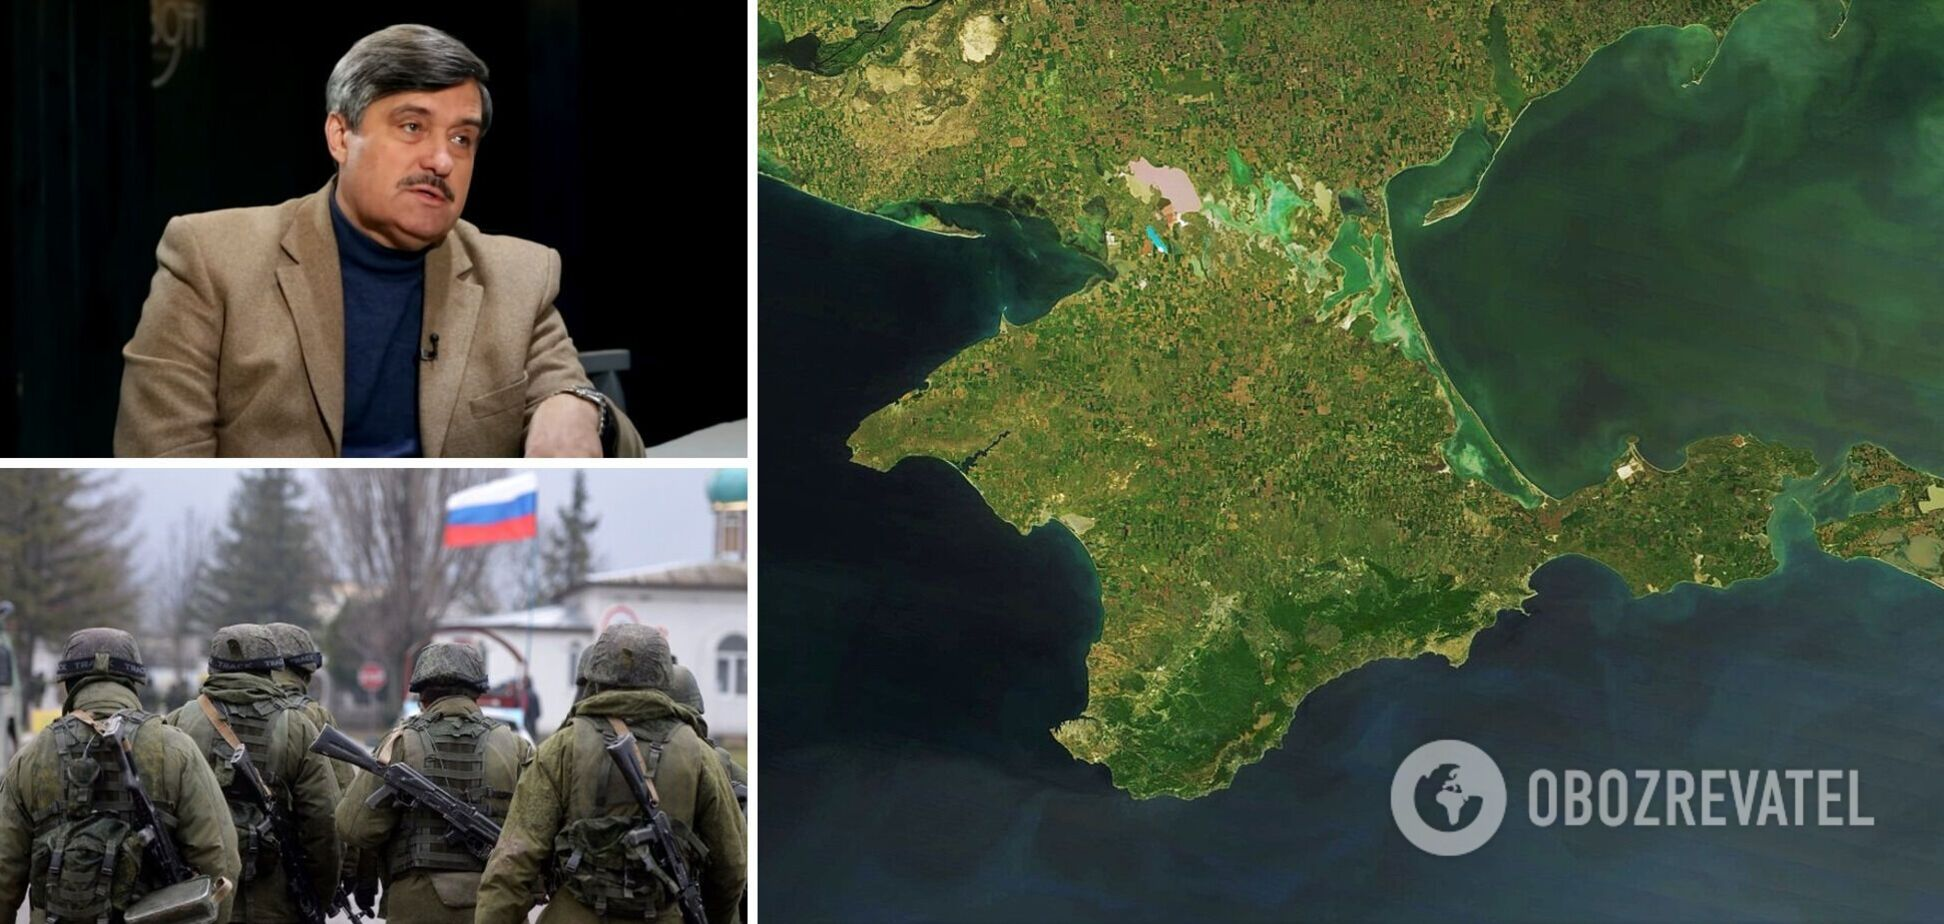 ВСУ в 2014 году могли взять под контроль аэродромы в Крыму, – генерал Назаров